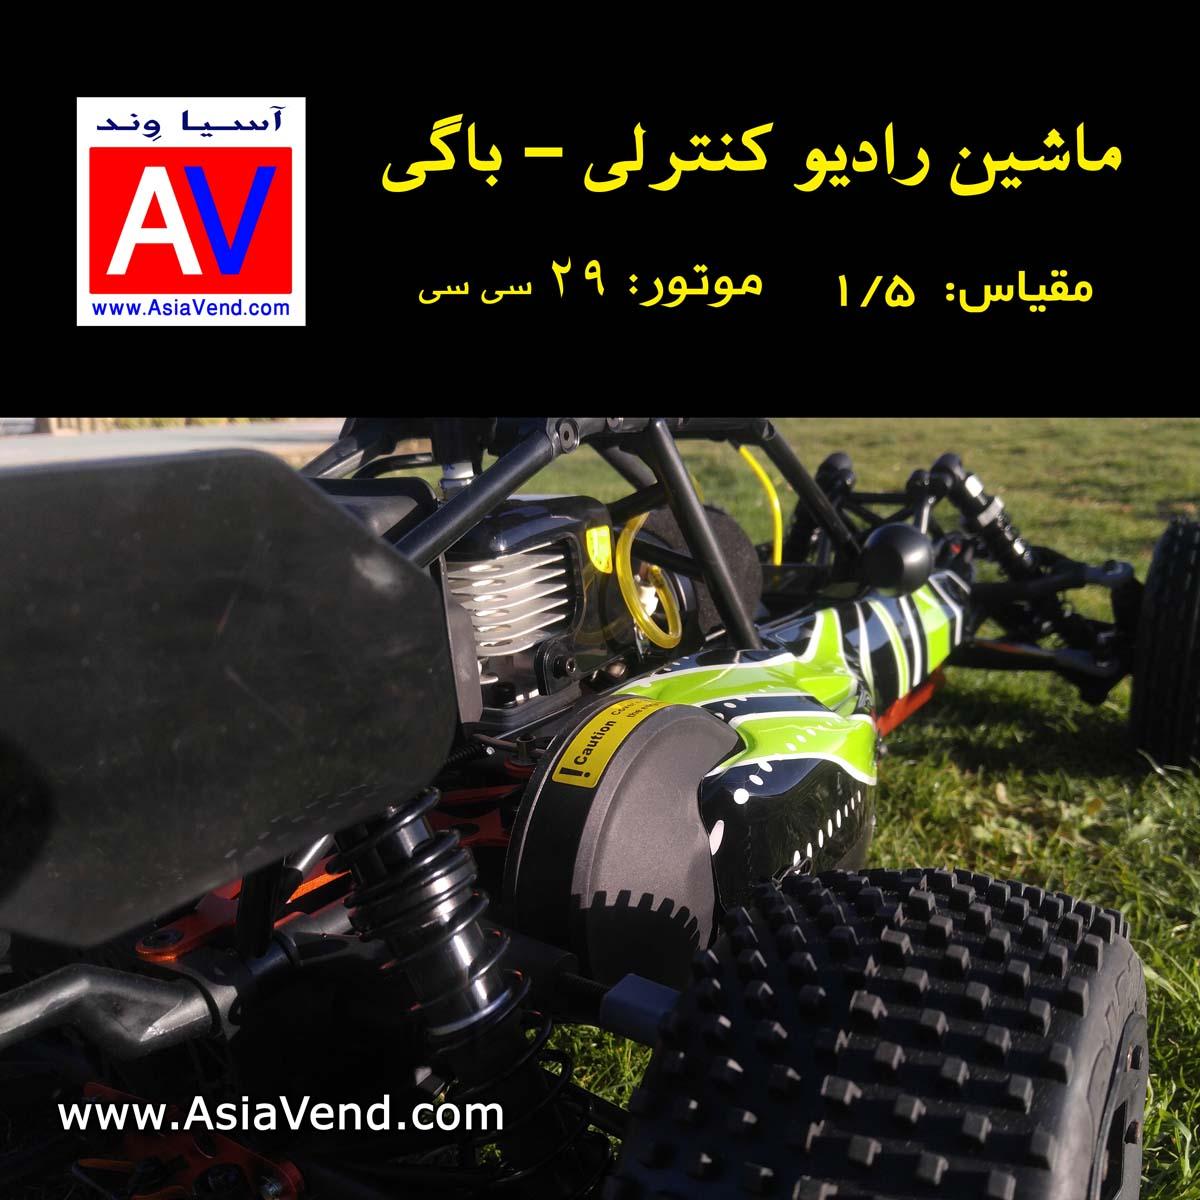 ماشین کنترلی مقیاس بزرگ ماشین رادیو کنترلی بنزینی آفرود BAJA RC CAR